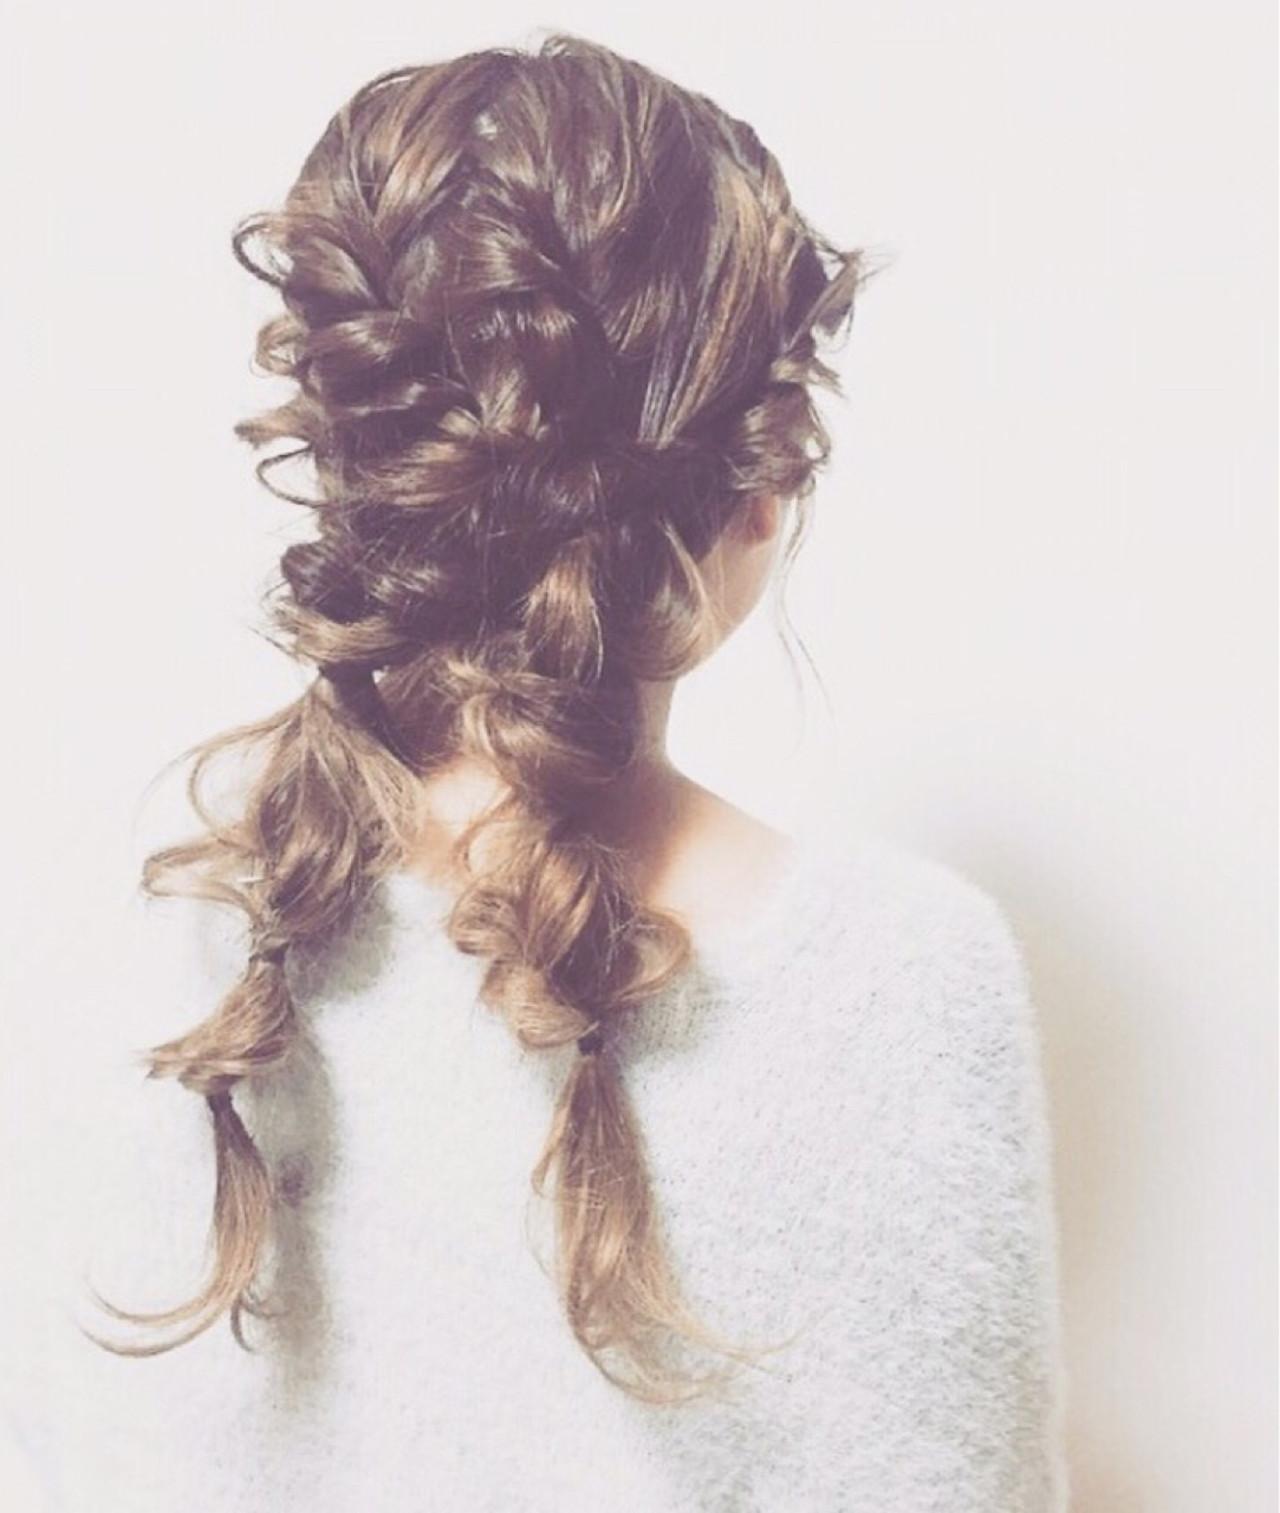 ツインテール ゆるふわ ロング 編み込み ヘアスタイルや髪型の写真・画像